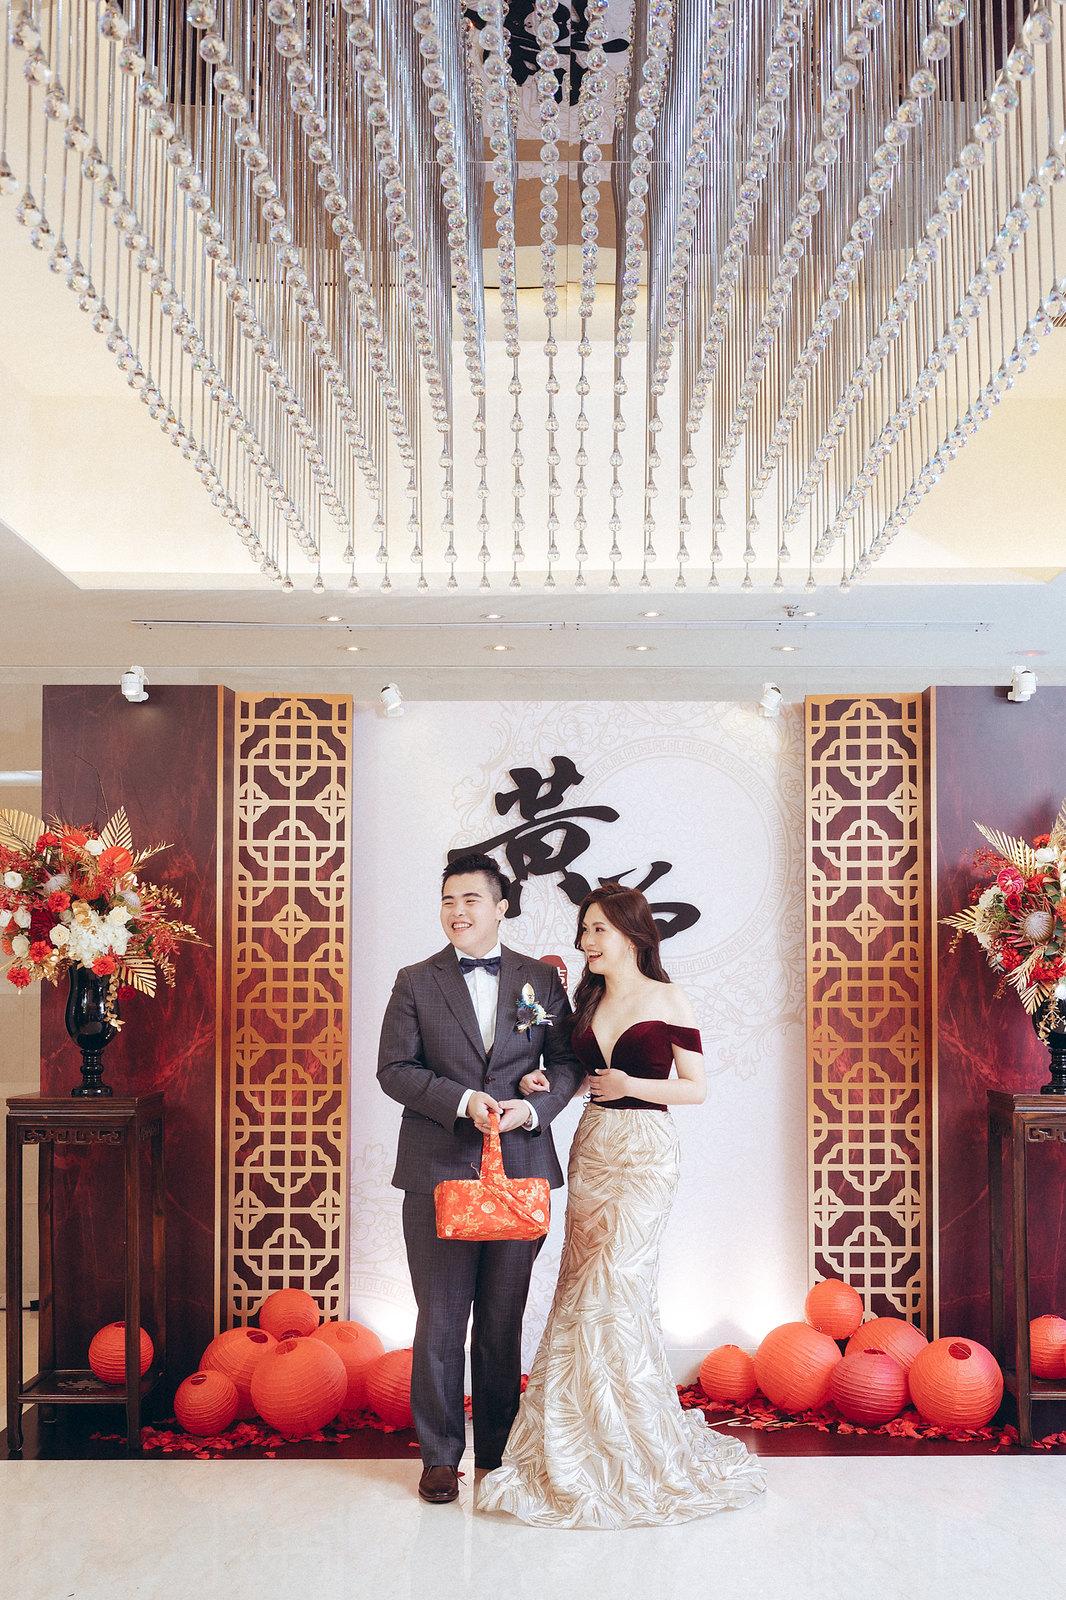 【婚攝】Sherwin & Chi / 故宮晶華 Silks Palace